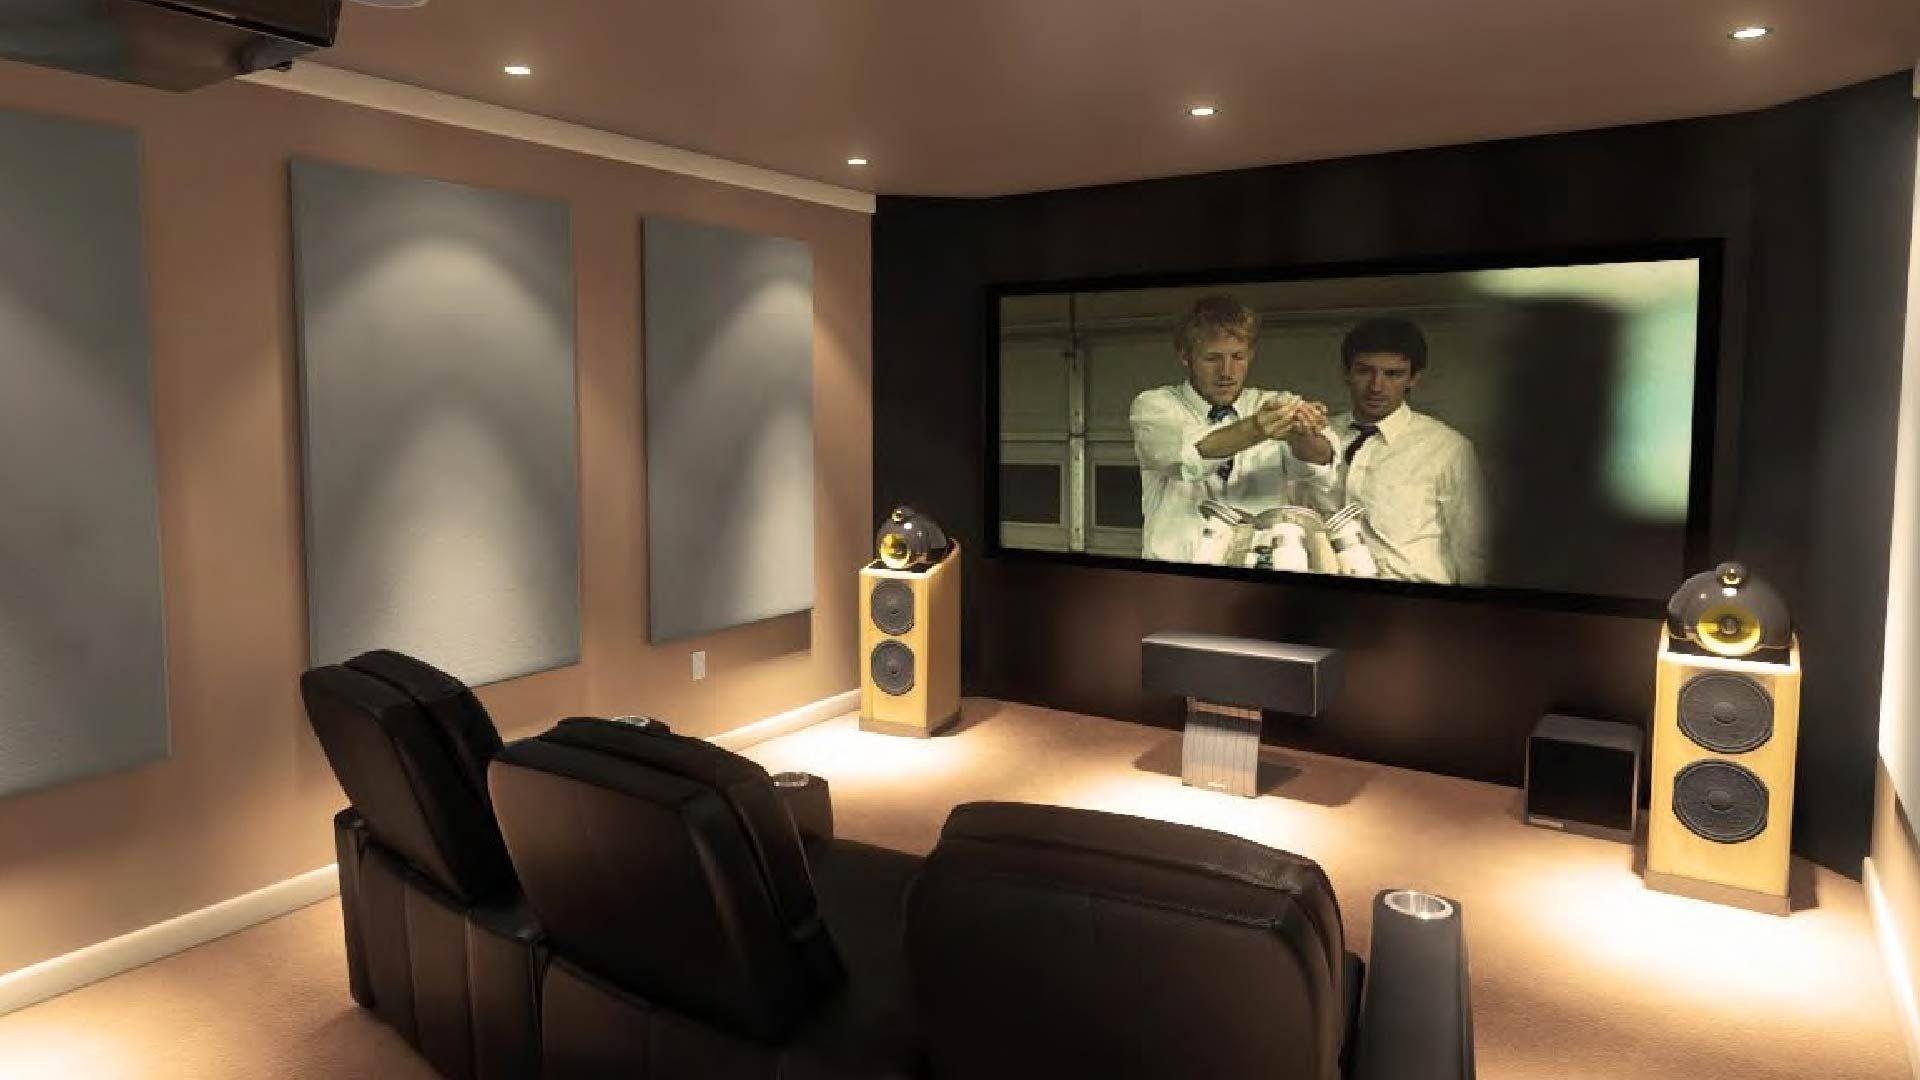 Foto cine casa 47 sala de cine cine en casa sala de cine en casa y teatro en casa - Filodiffusione casa ...